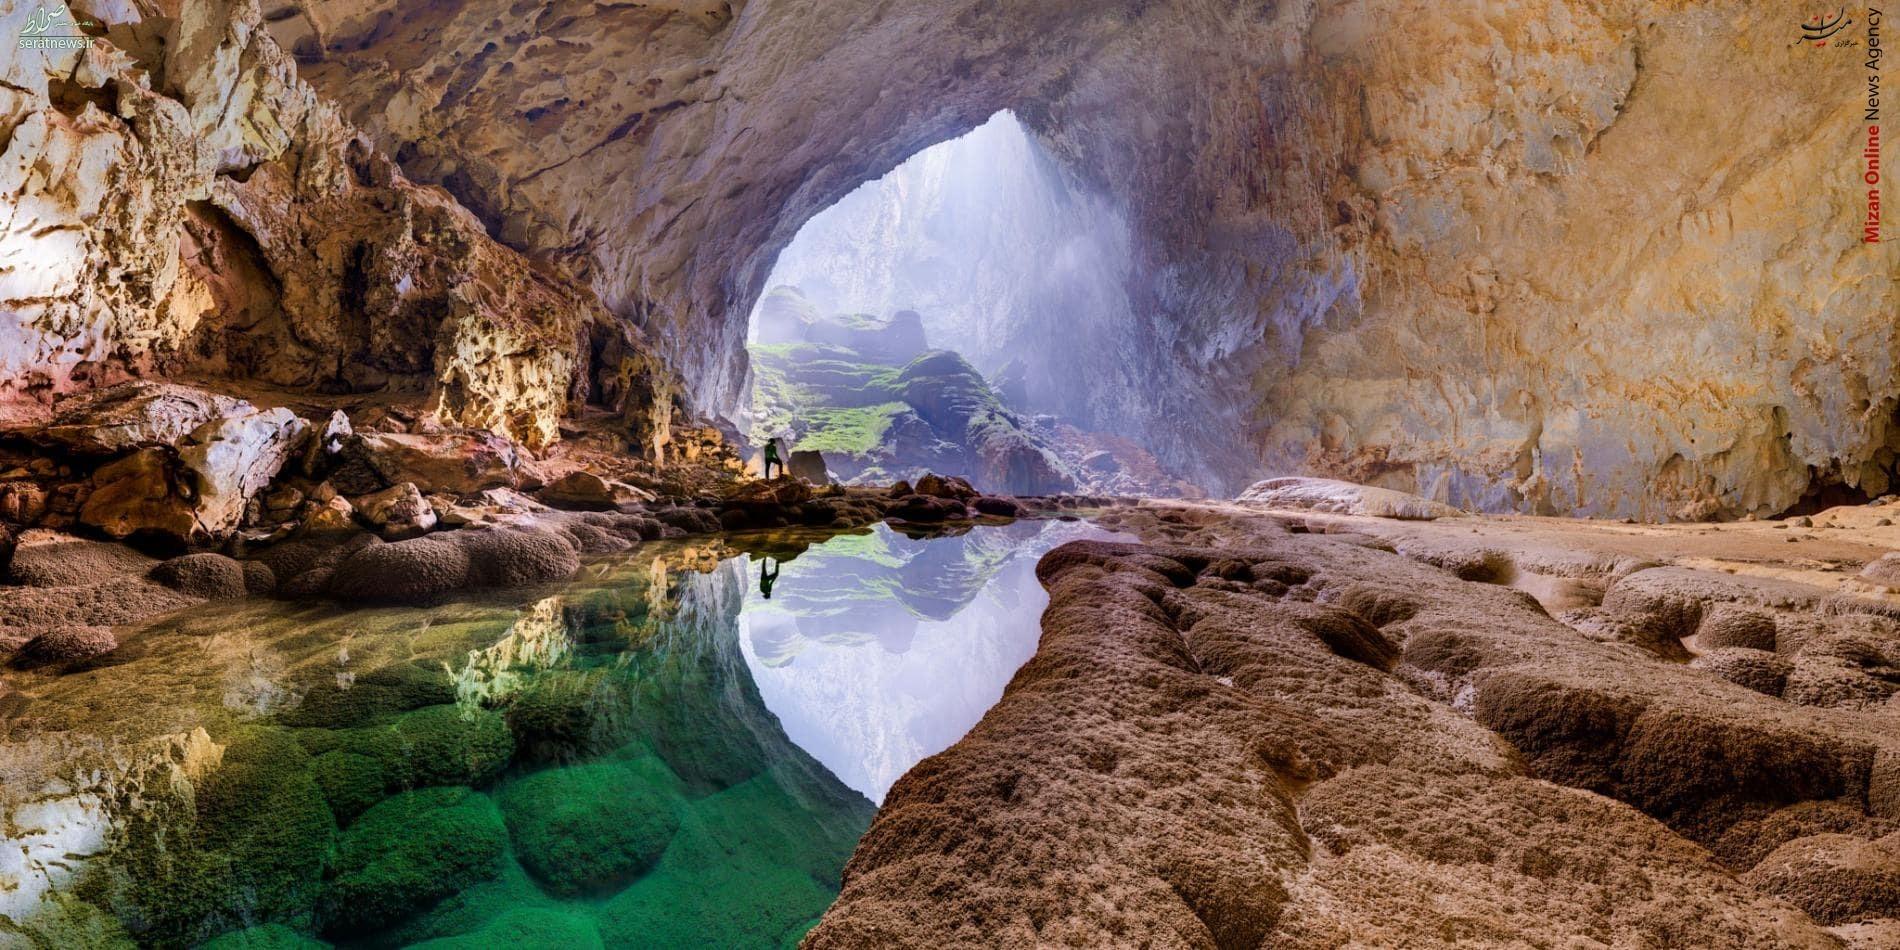 اتفاقی جالب در بزرگترین غار دنیا+عکس